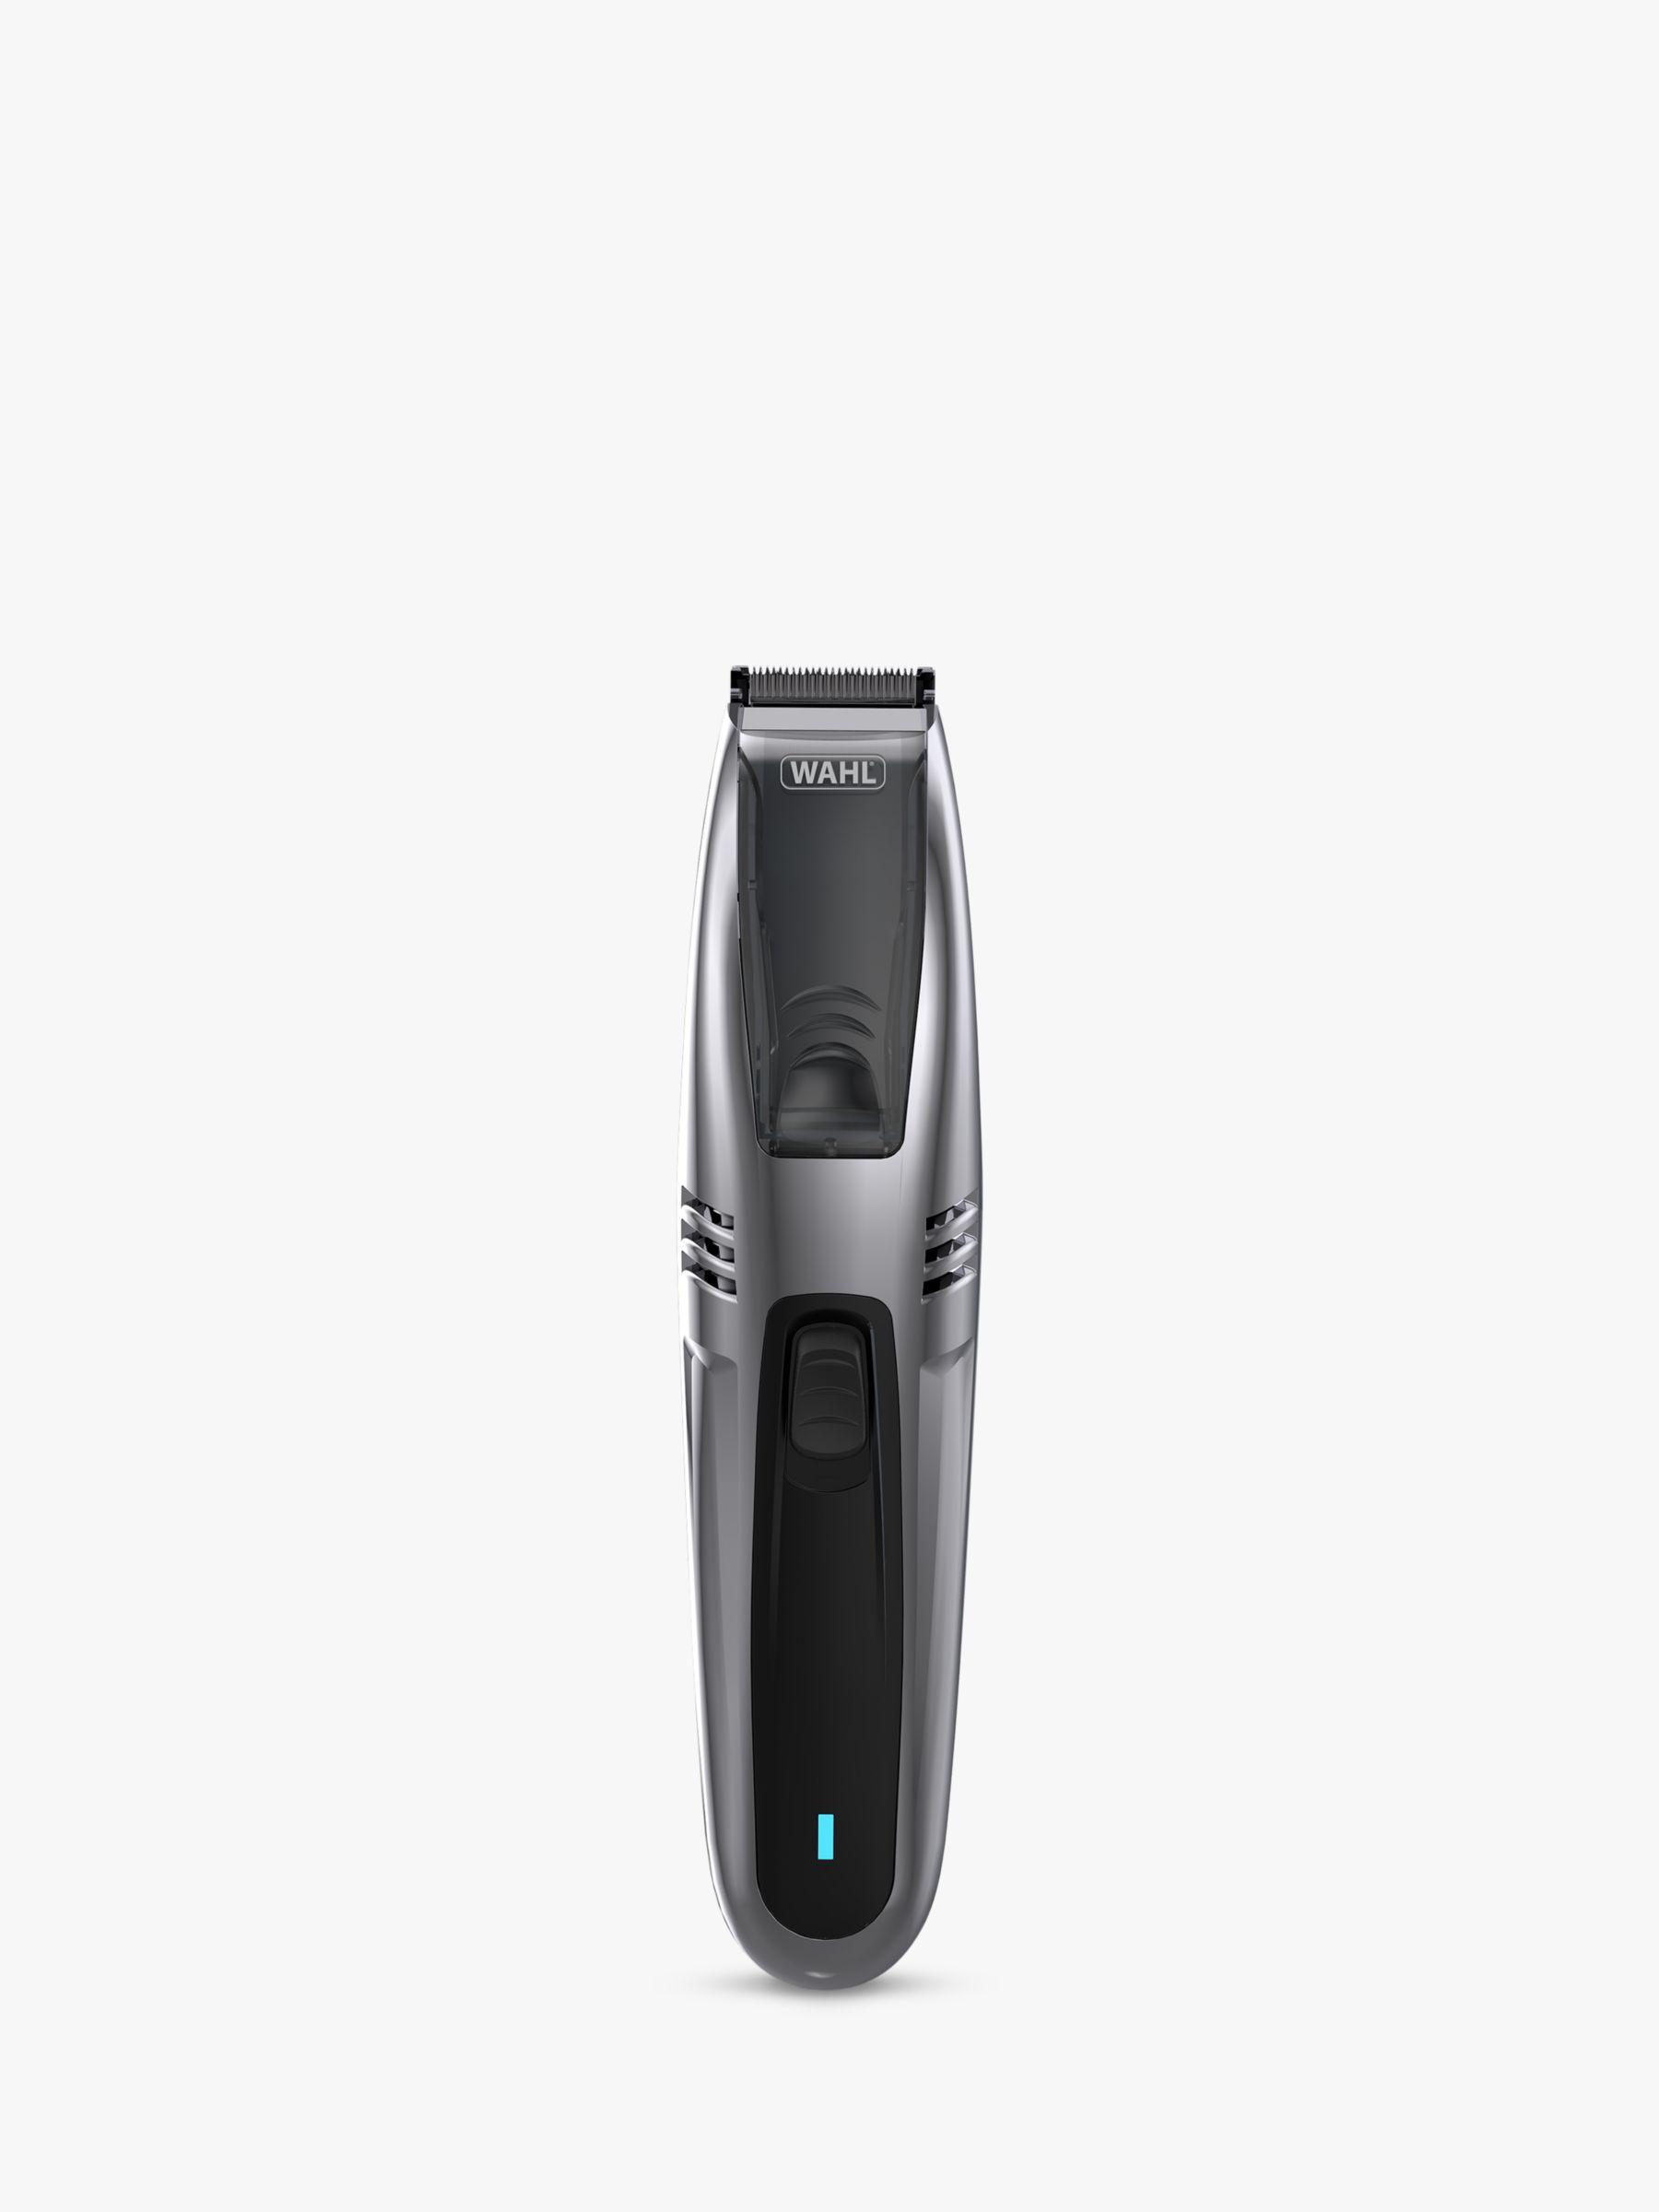 Wahl Wahl 2 in 1 Vacuum Stubble & Beard Trimmer, Black